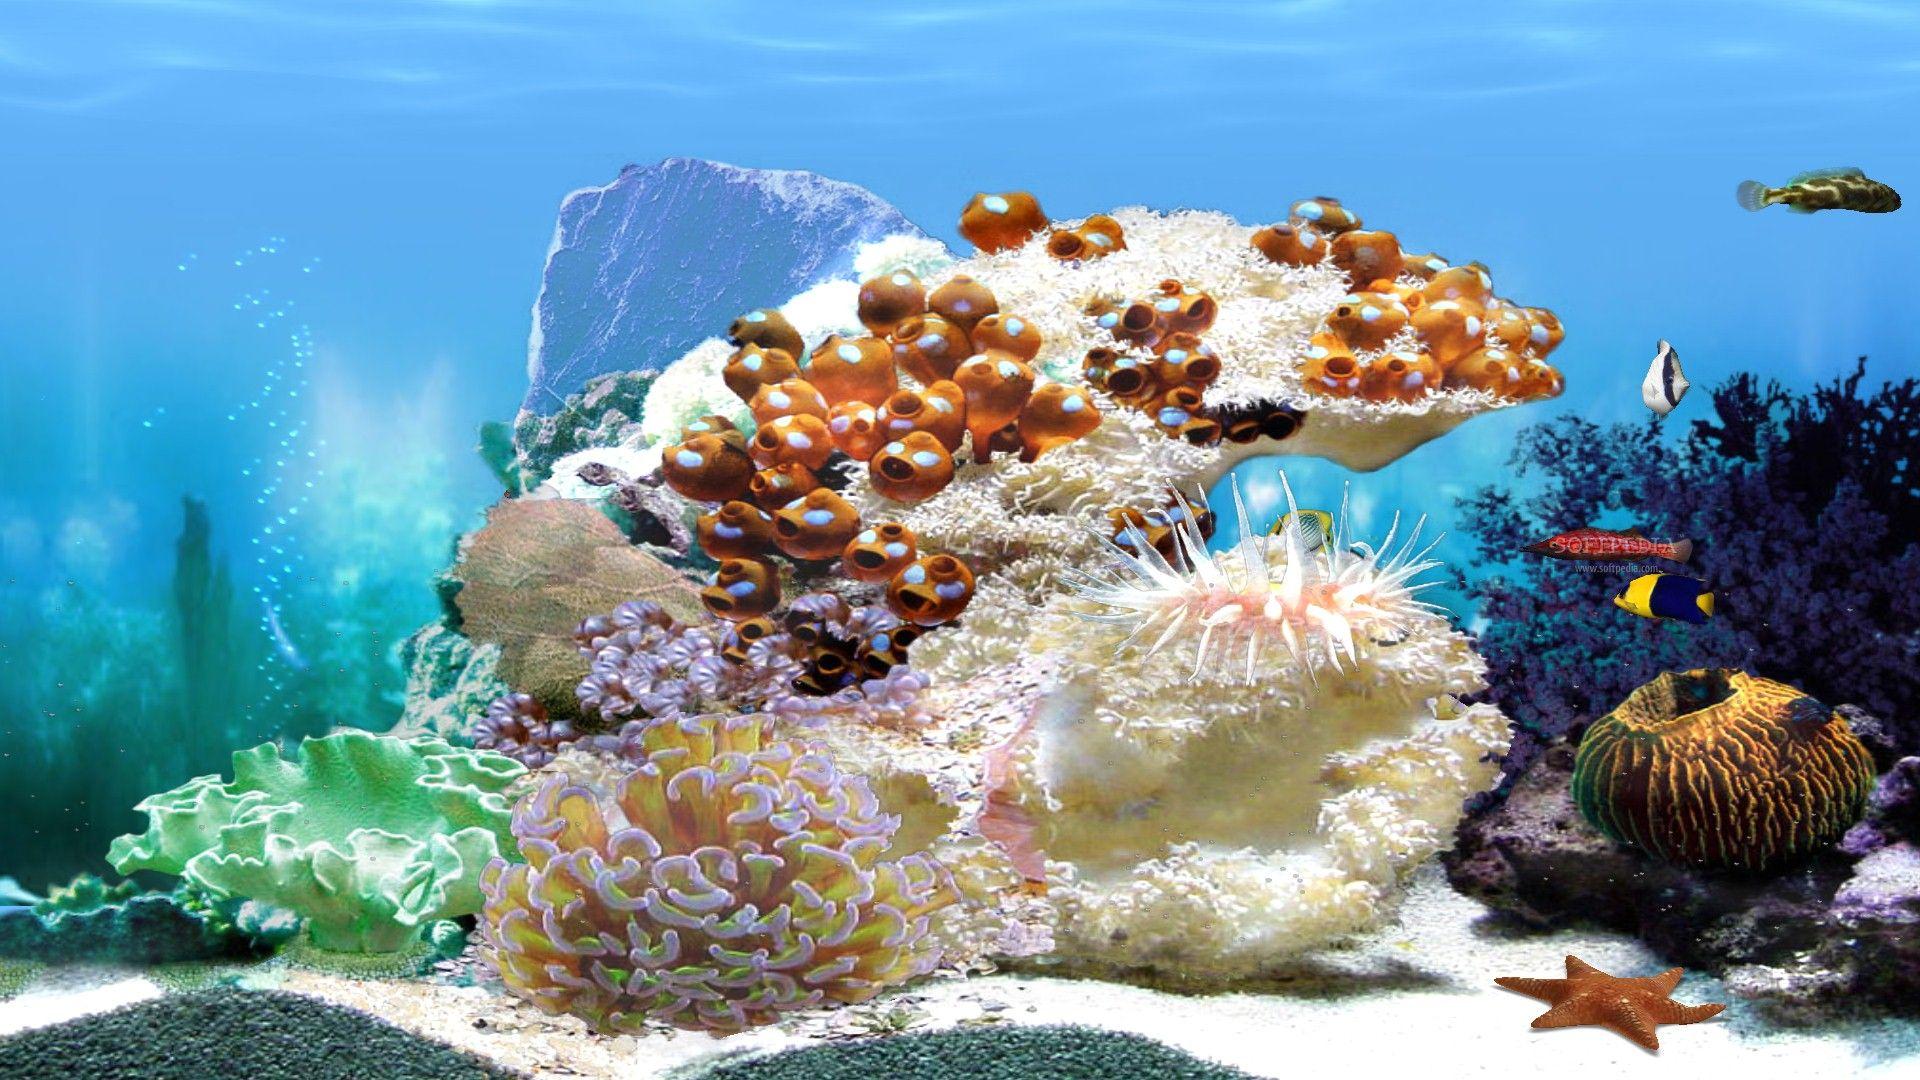 aquarium picture backgrounds